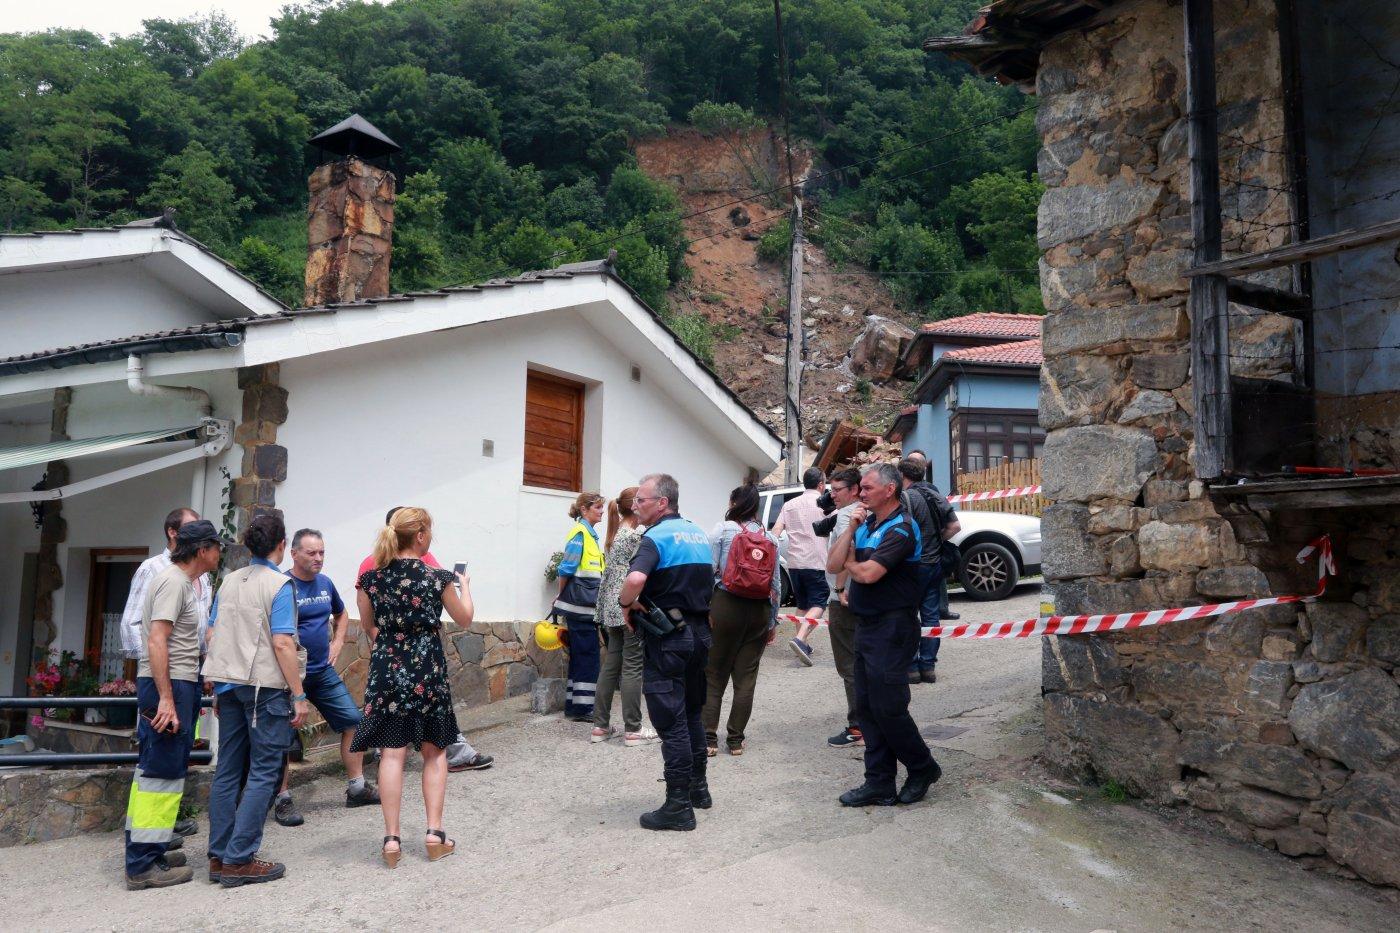 La tromba de agua obliga a desalojar el pueblo de La Cortina